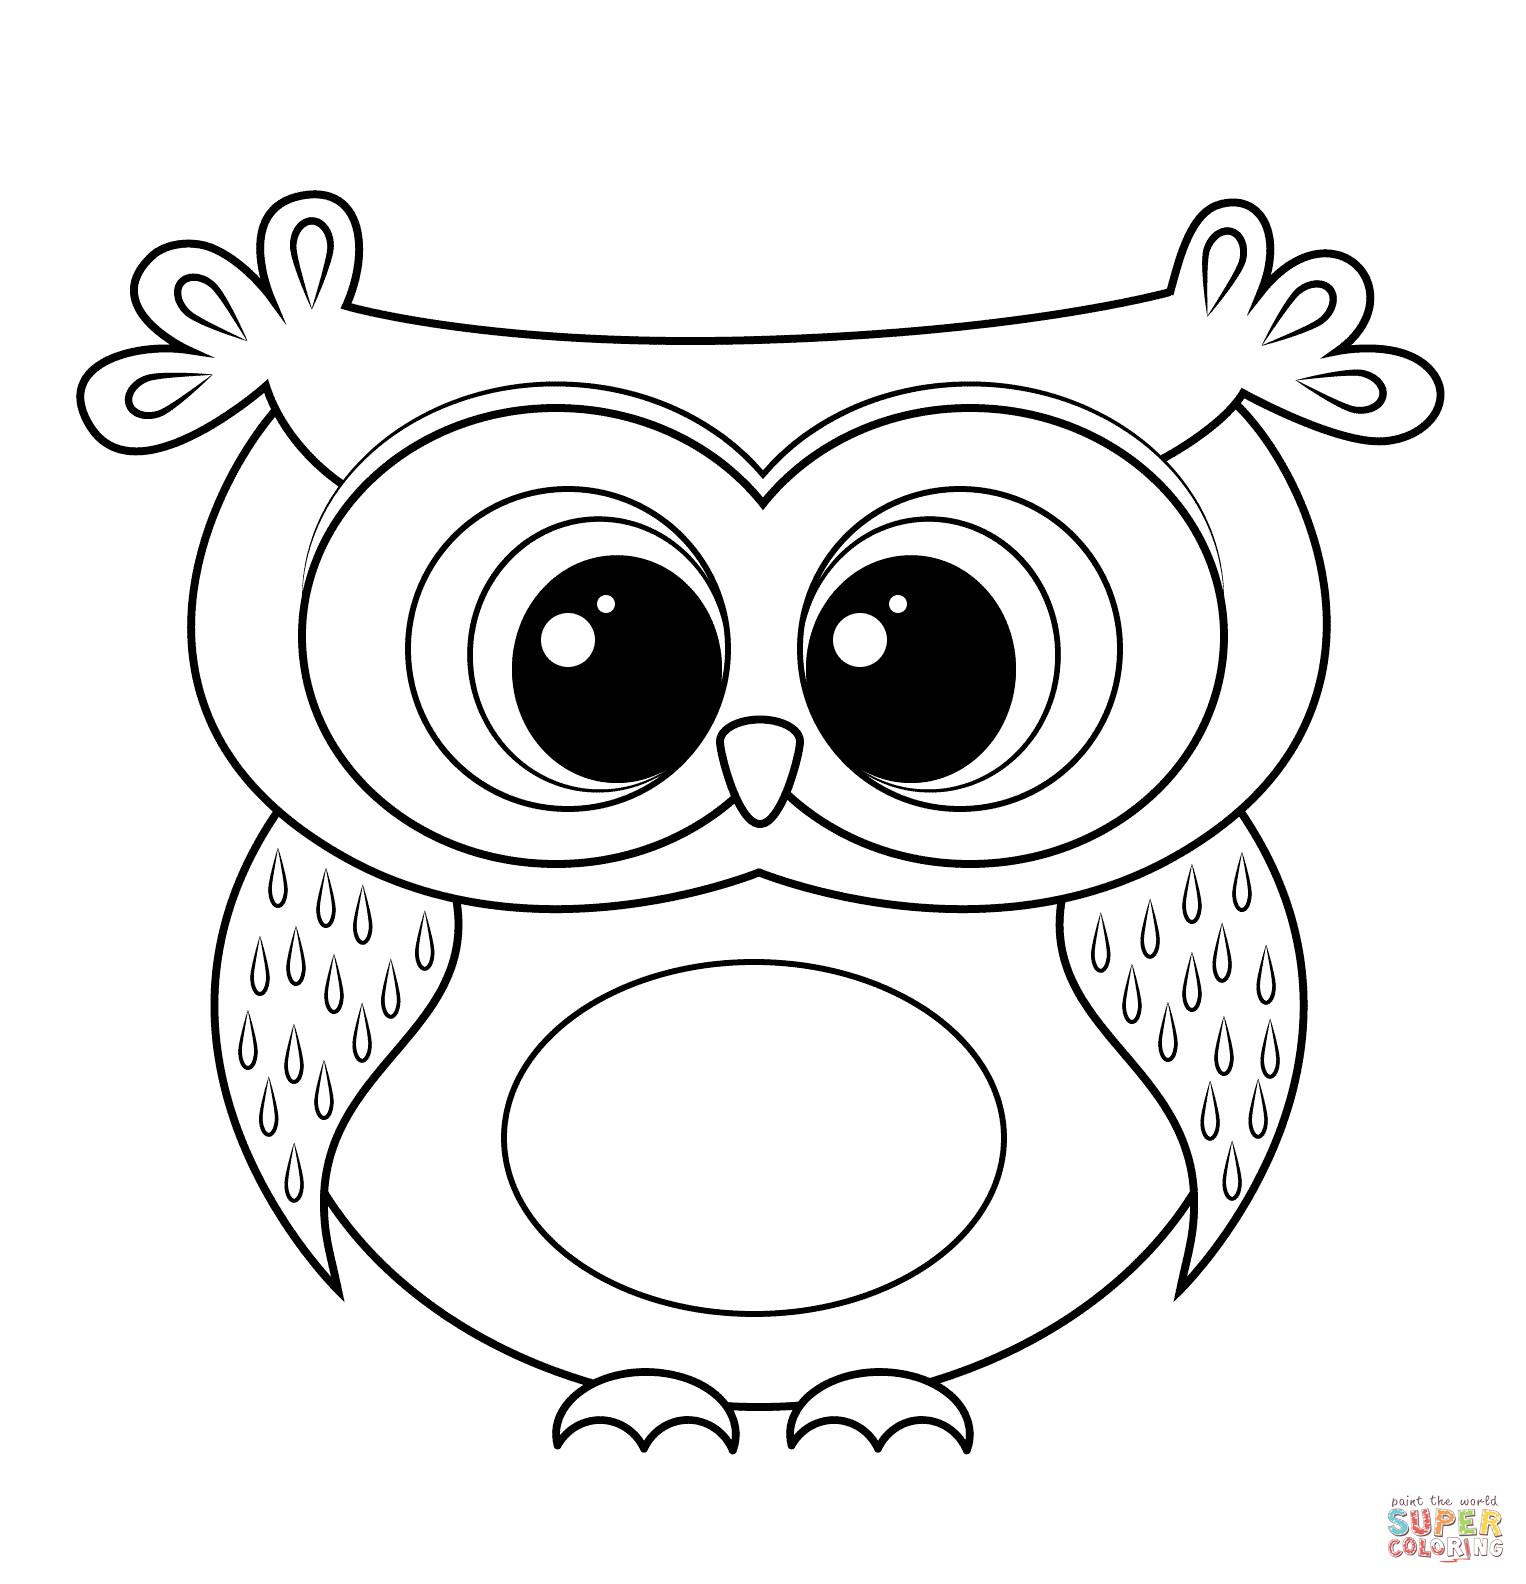 Malvorlage Eule Auf ast Neu Malvorlagen Herbst Eule Beautiful Cartoon Owl Coloring Page Bilder